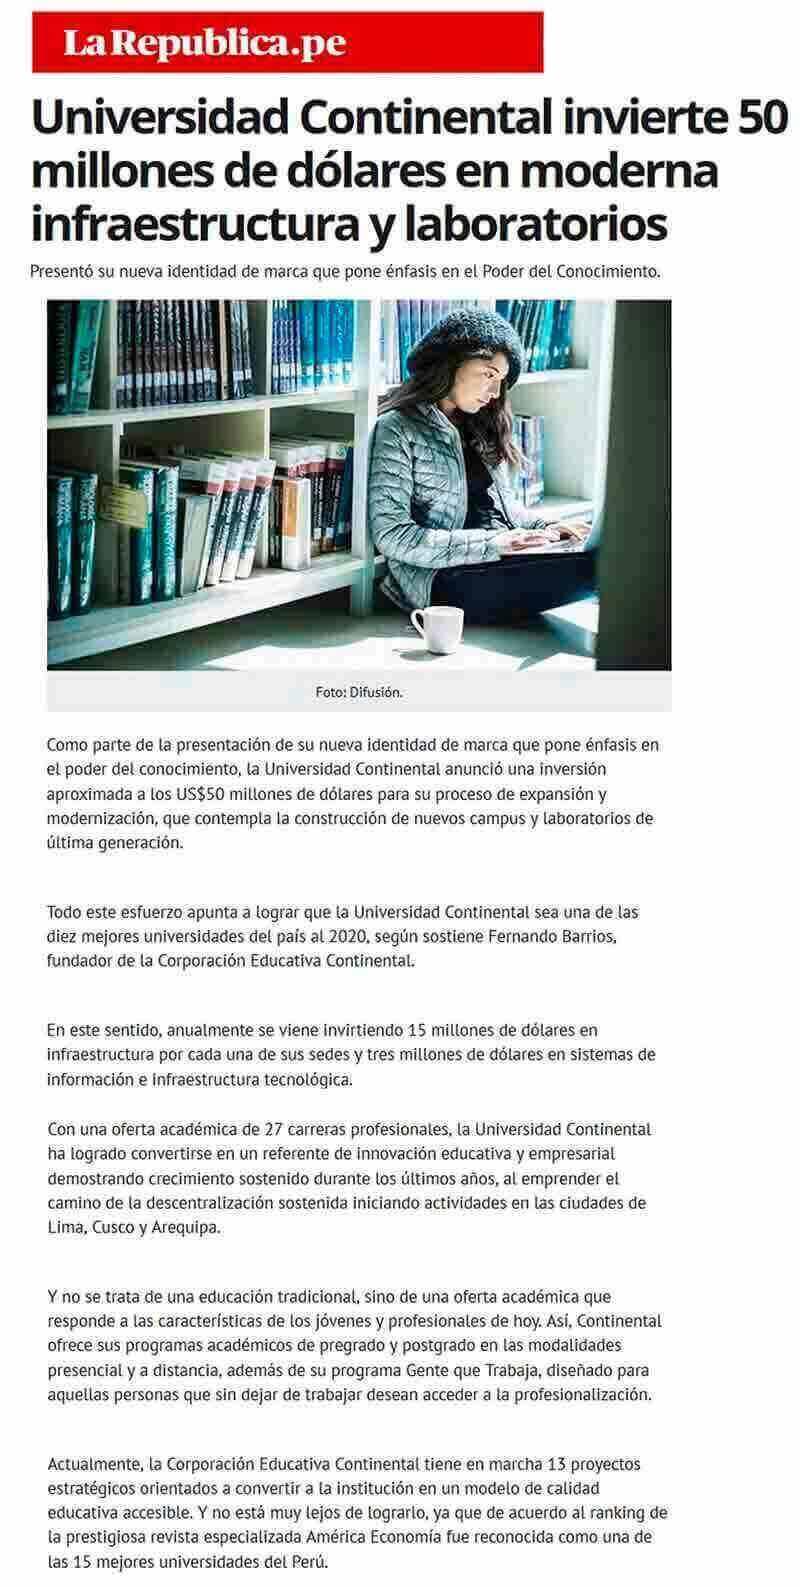 universidad-continental-invierte-50-millones-de-dolares-en-moderna-infraestuctura-y-laboratorios